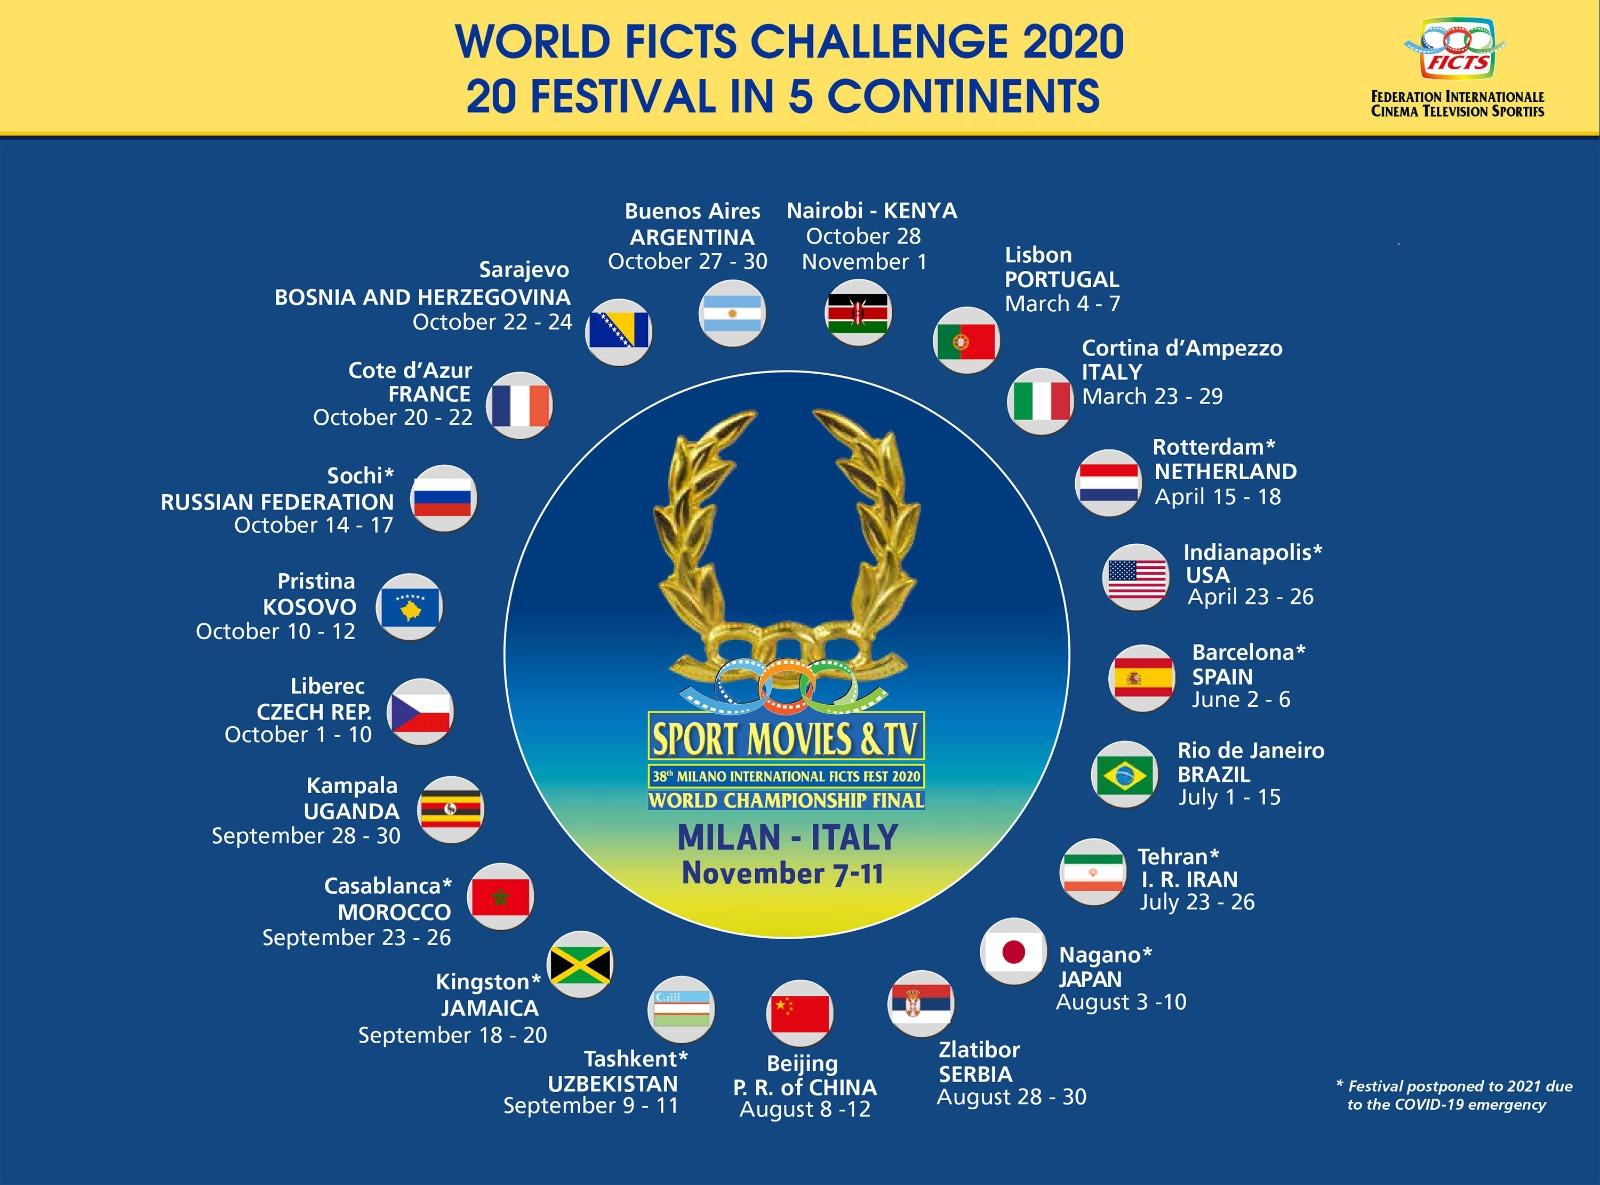 """IL CALENDARIO UFFICIALE DEI 20 FESTIVAL DEL """"WORLD FICTS CHALLENGE"""""""